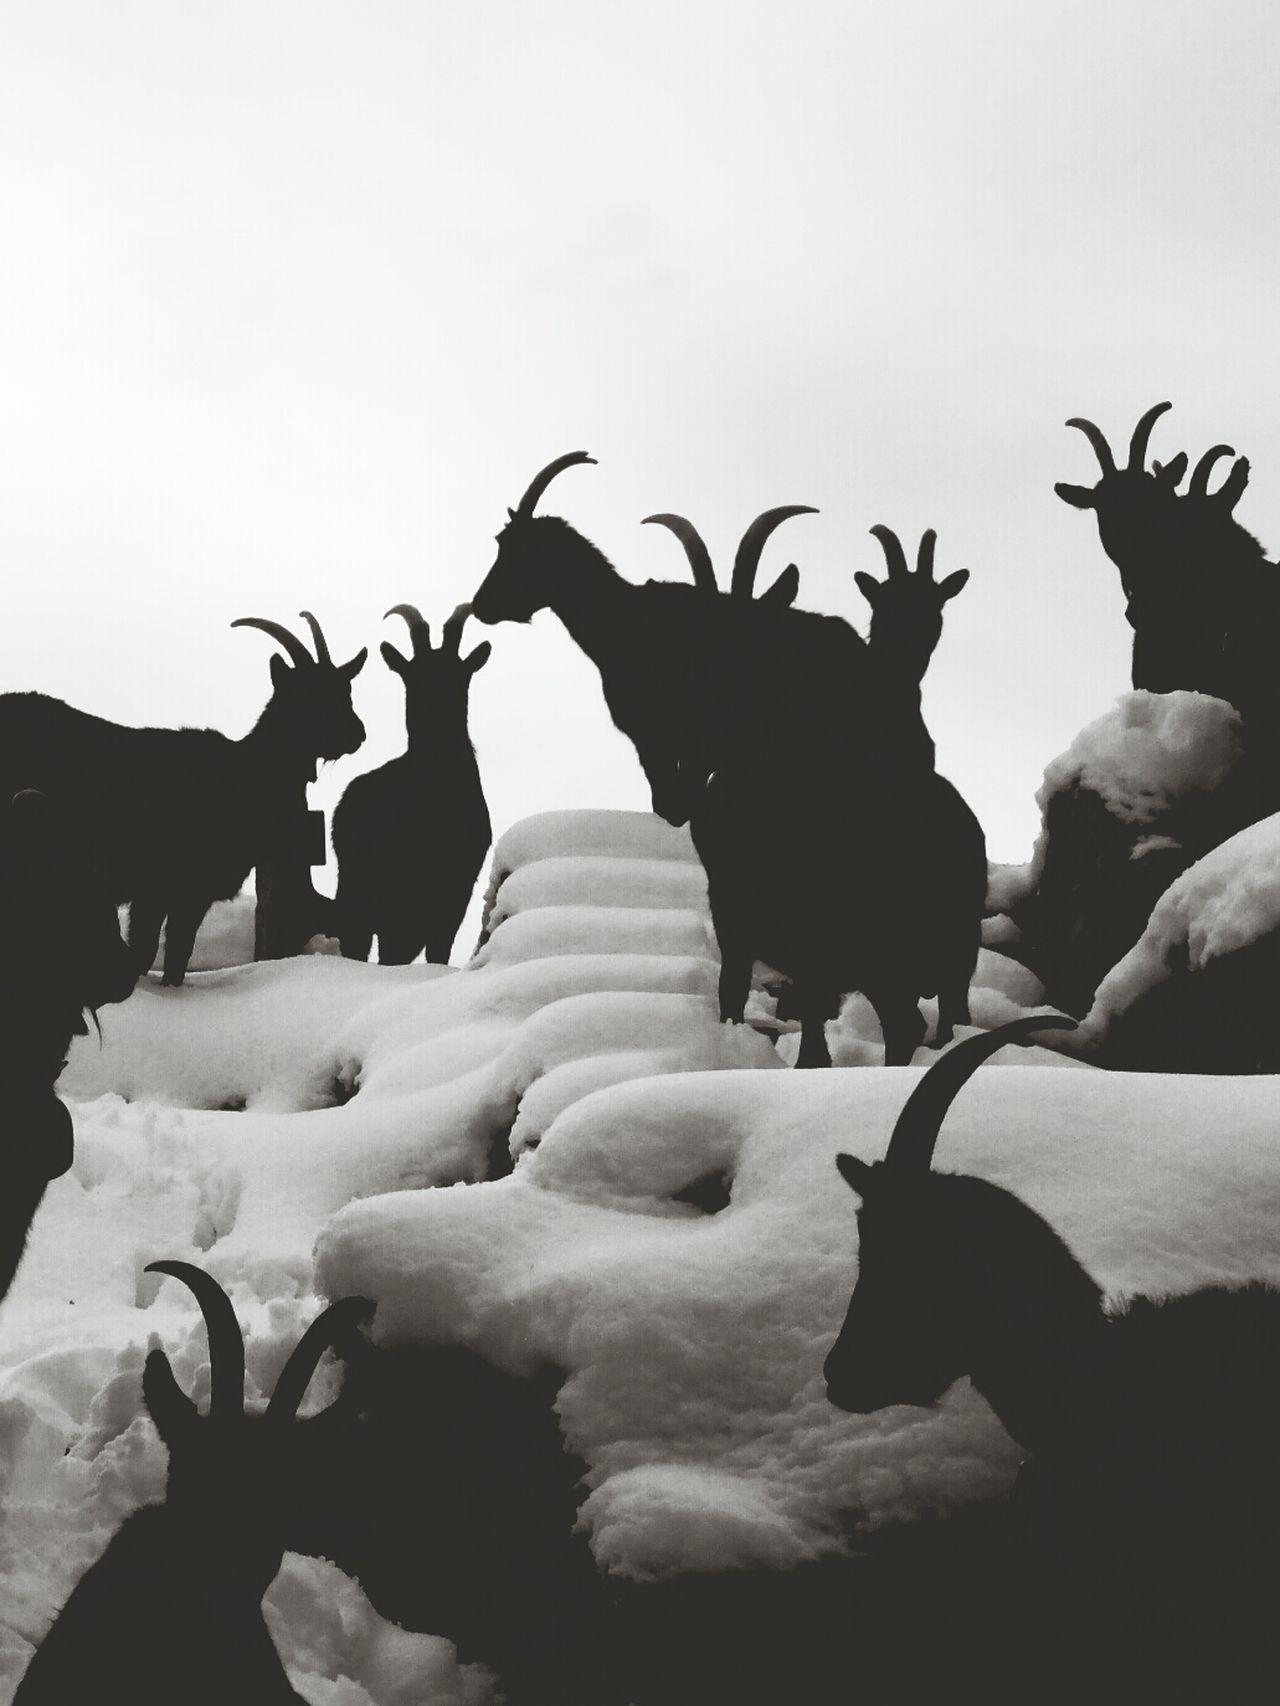 Blackandwhite Snow Goats Gagglo